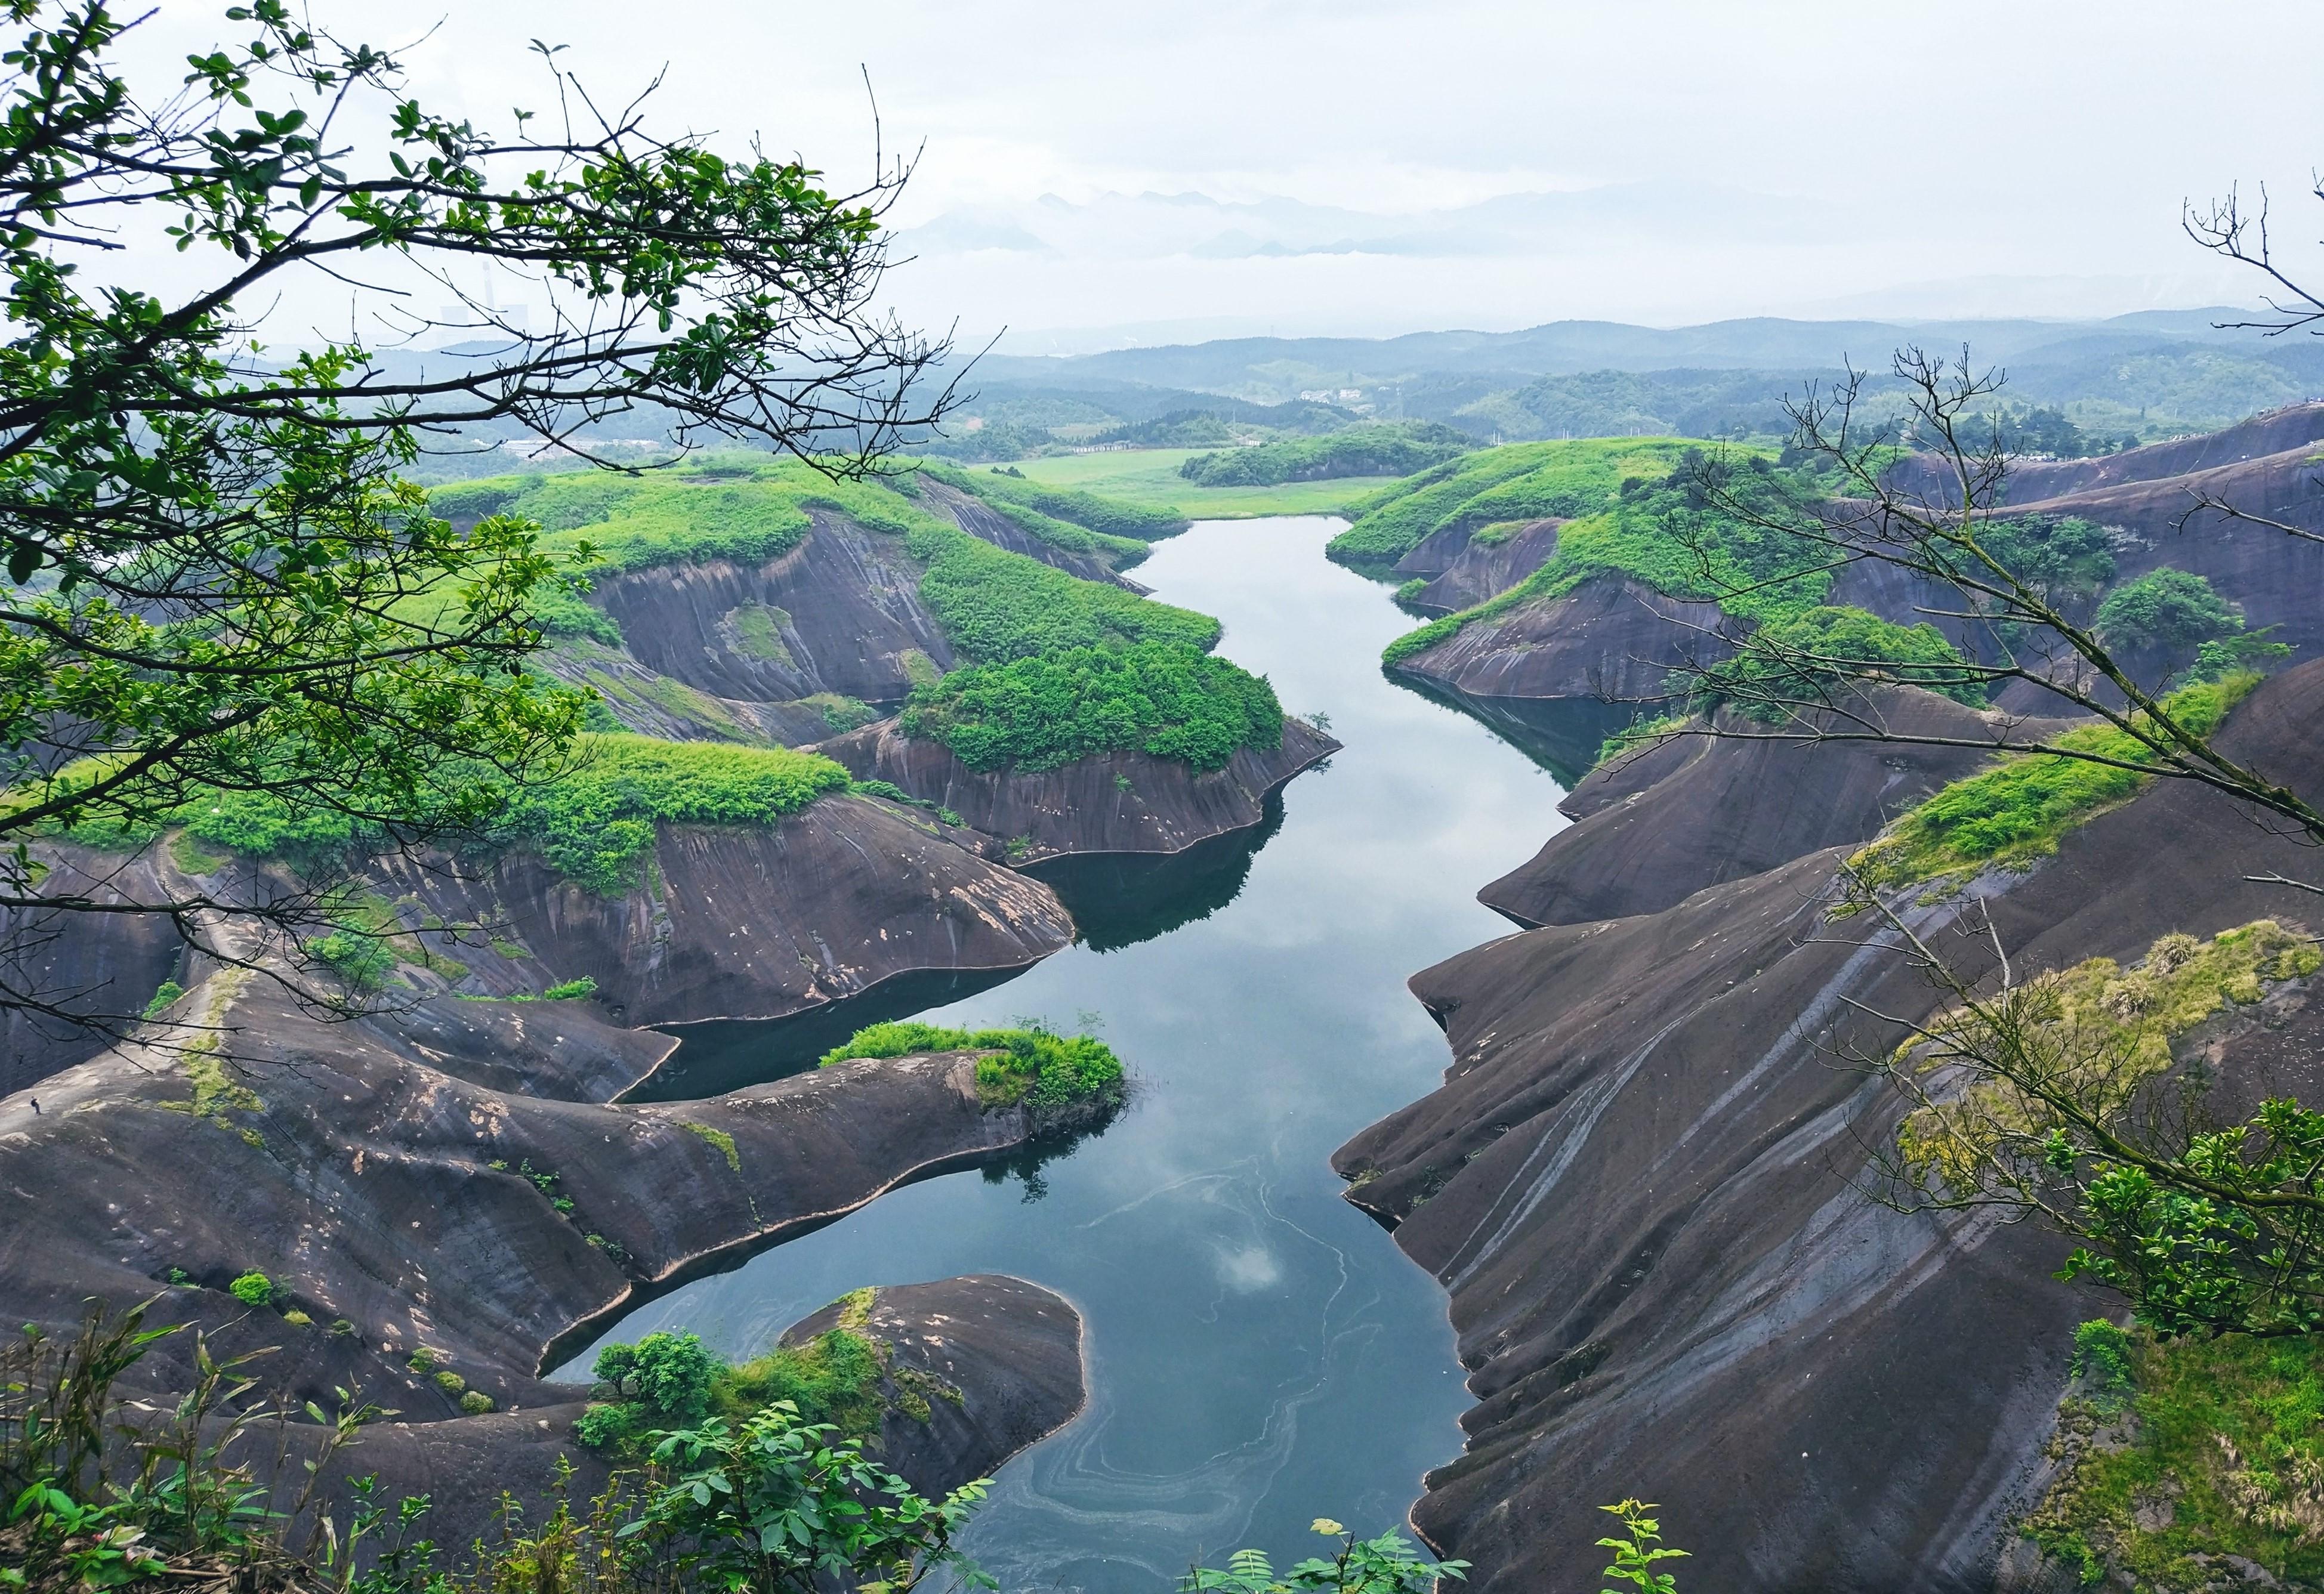 【旅途无止净】郴州,一个被忽略的林中之城